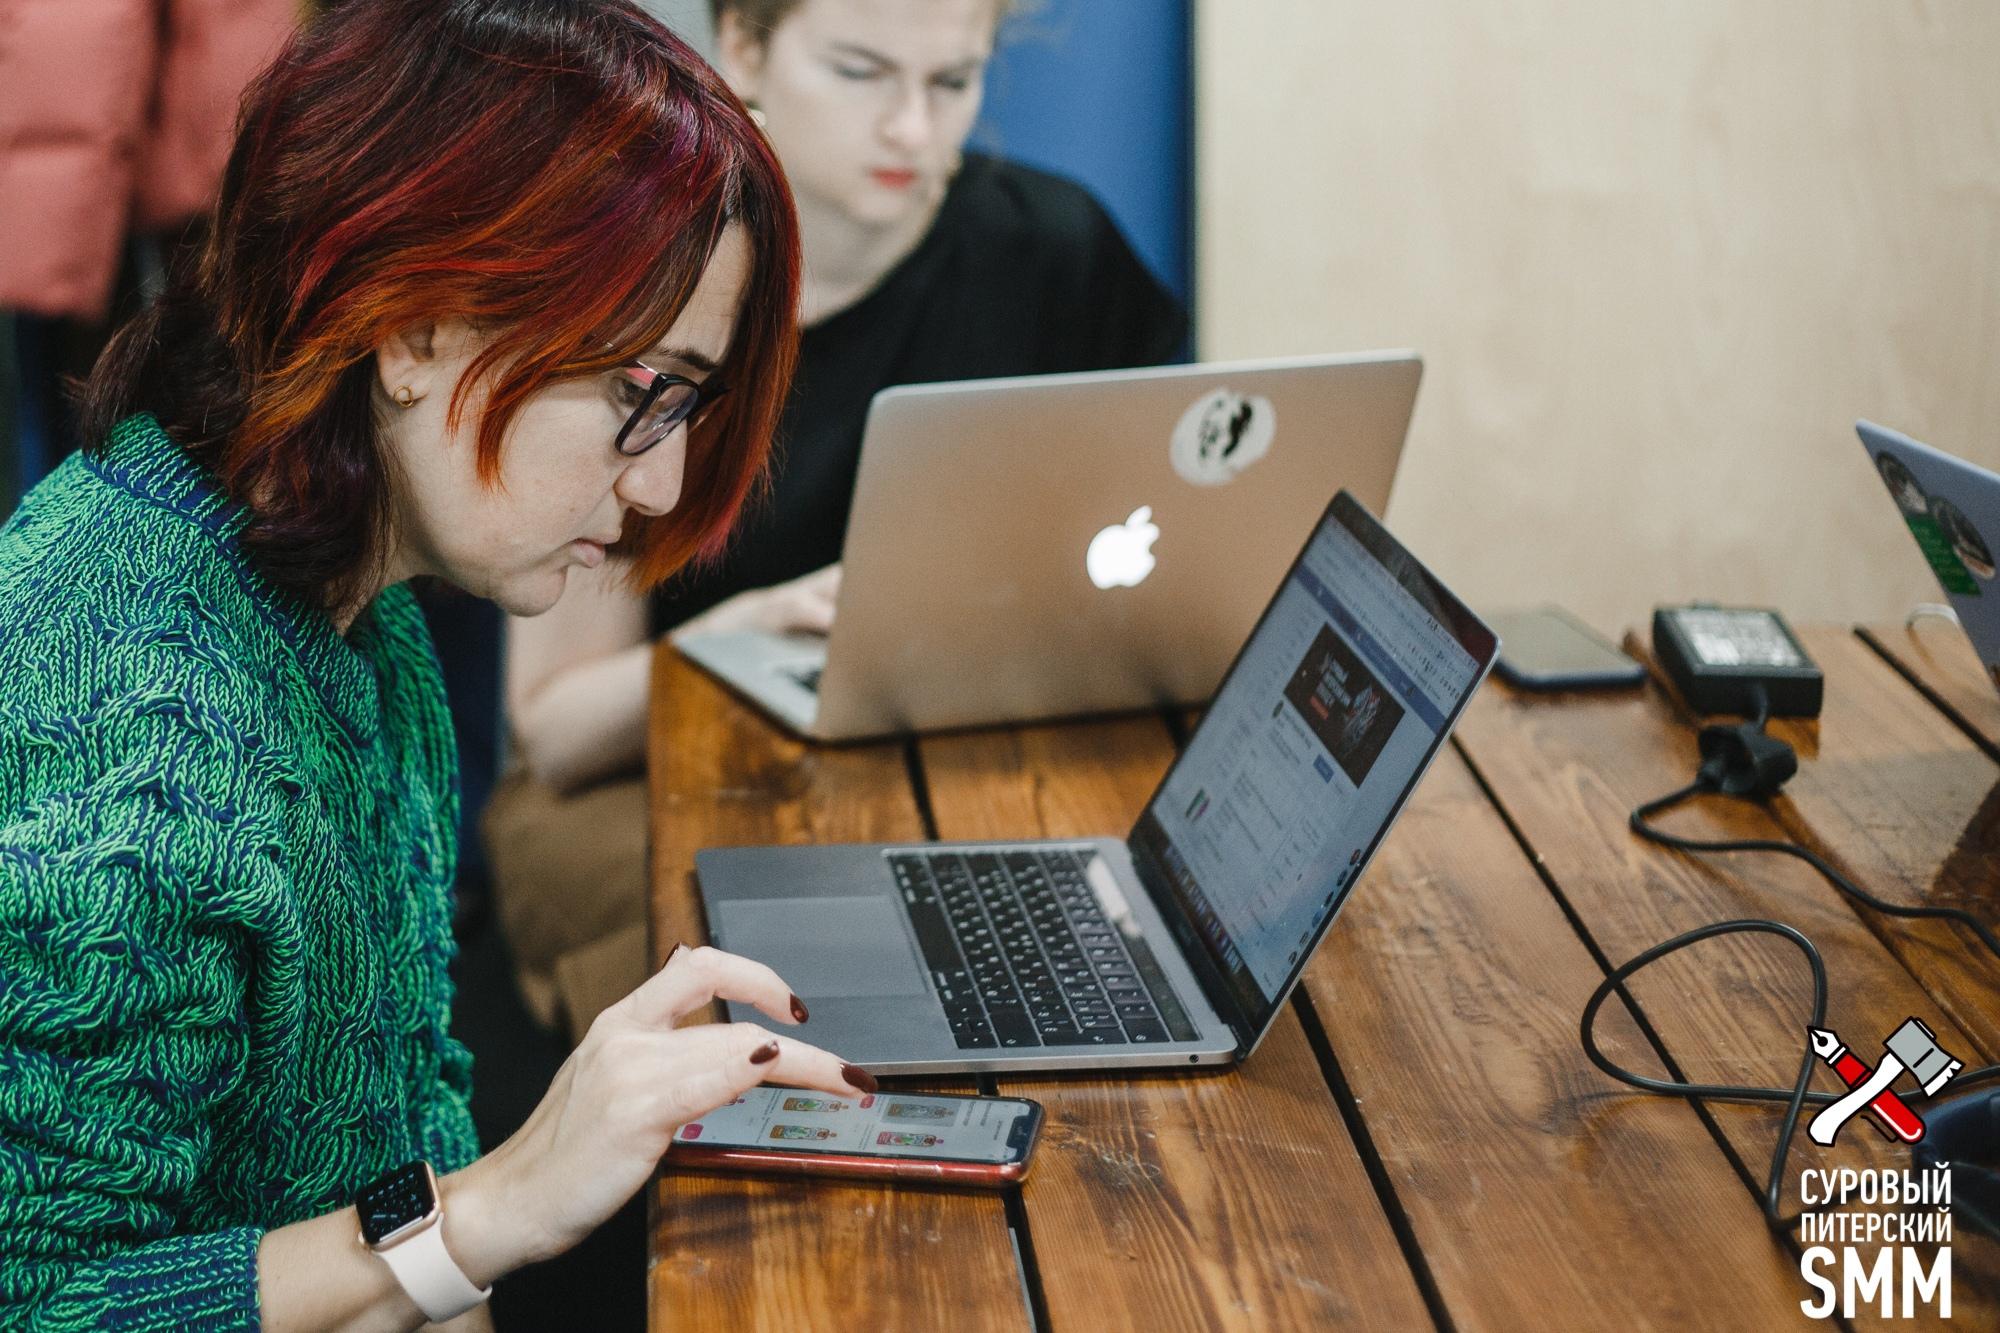 Партнерские интеграции в онлайне   Наталия Франкель